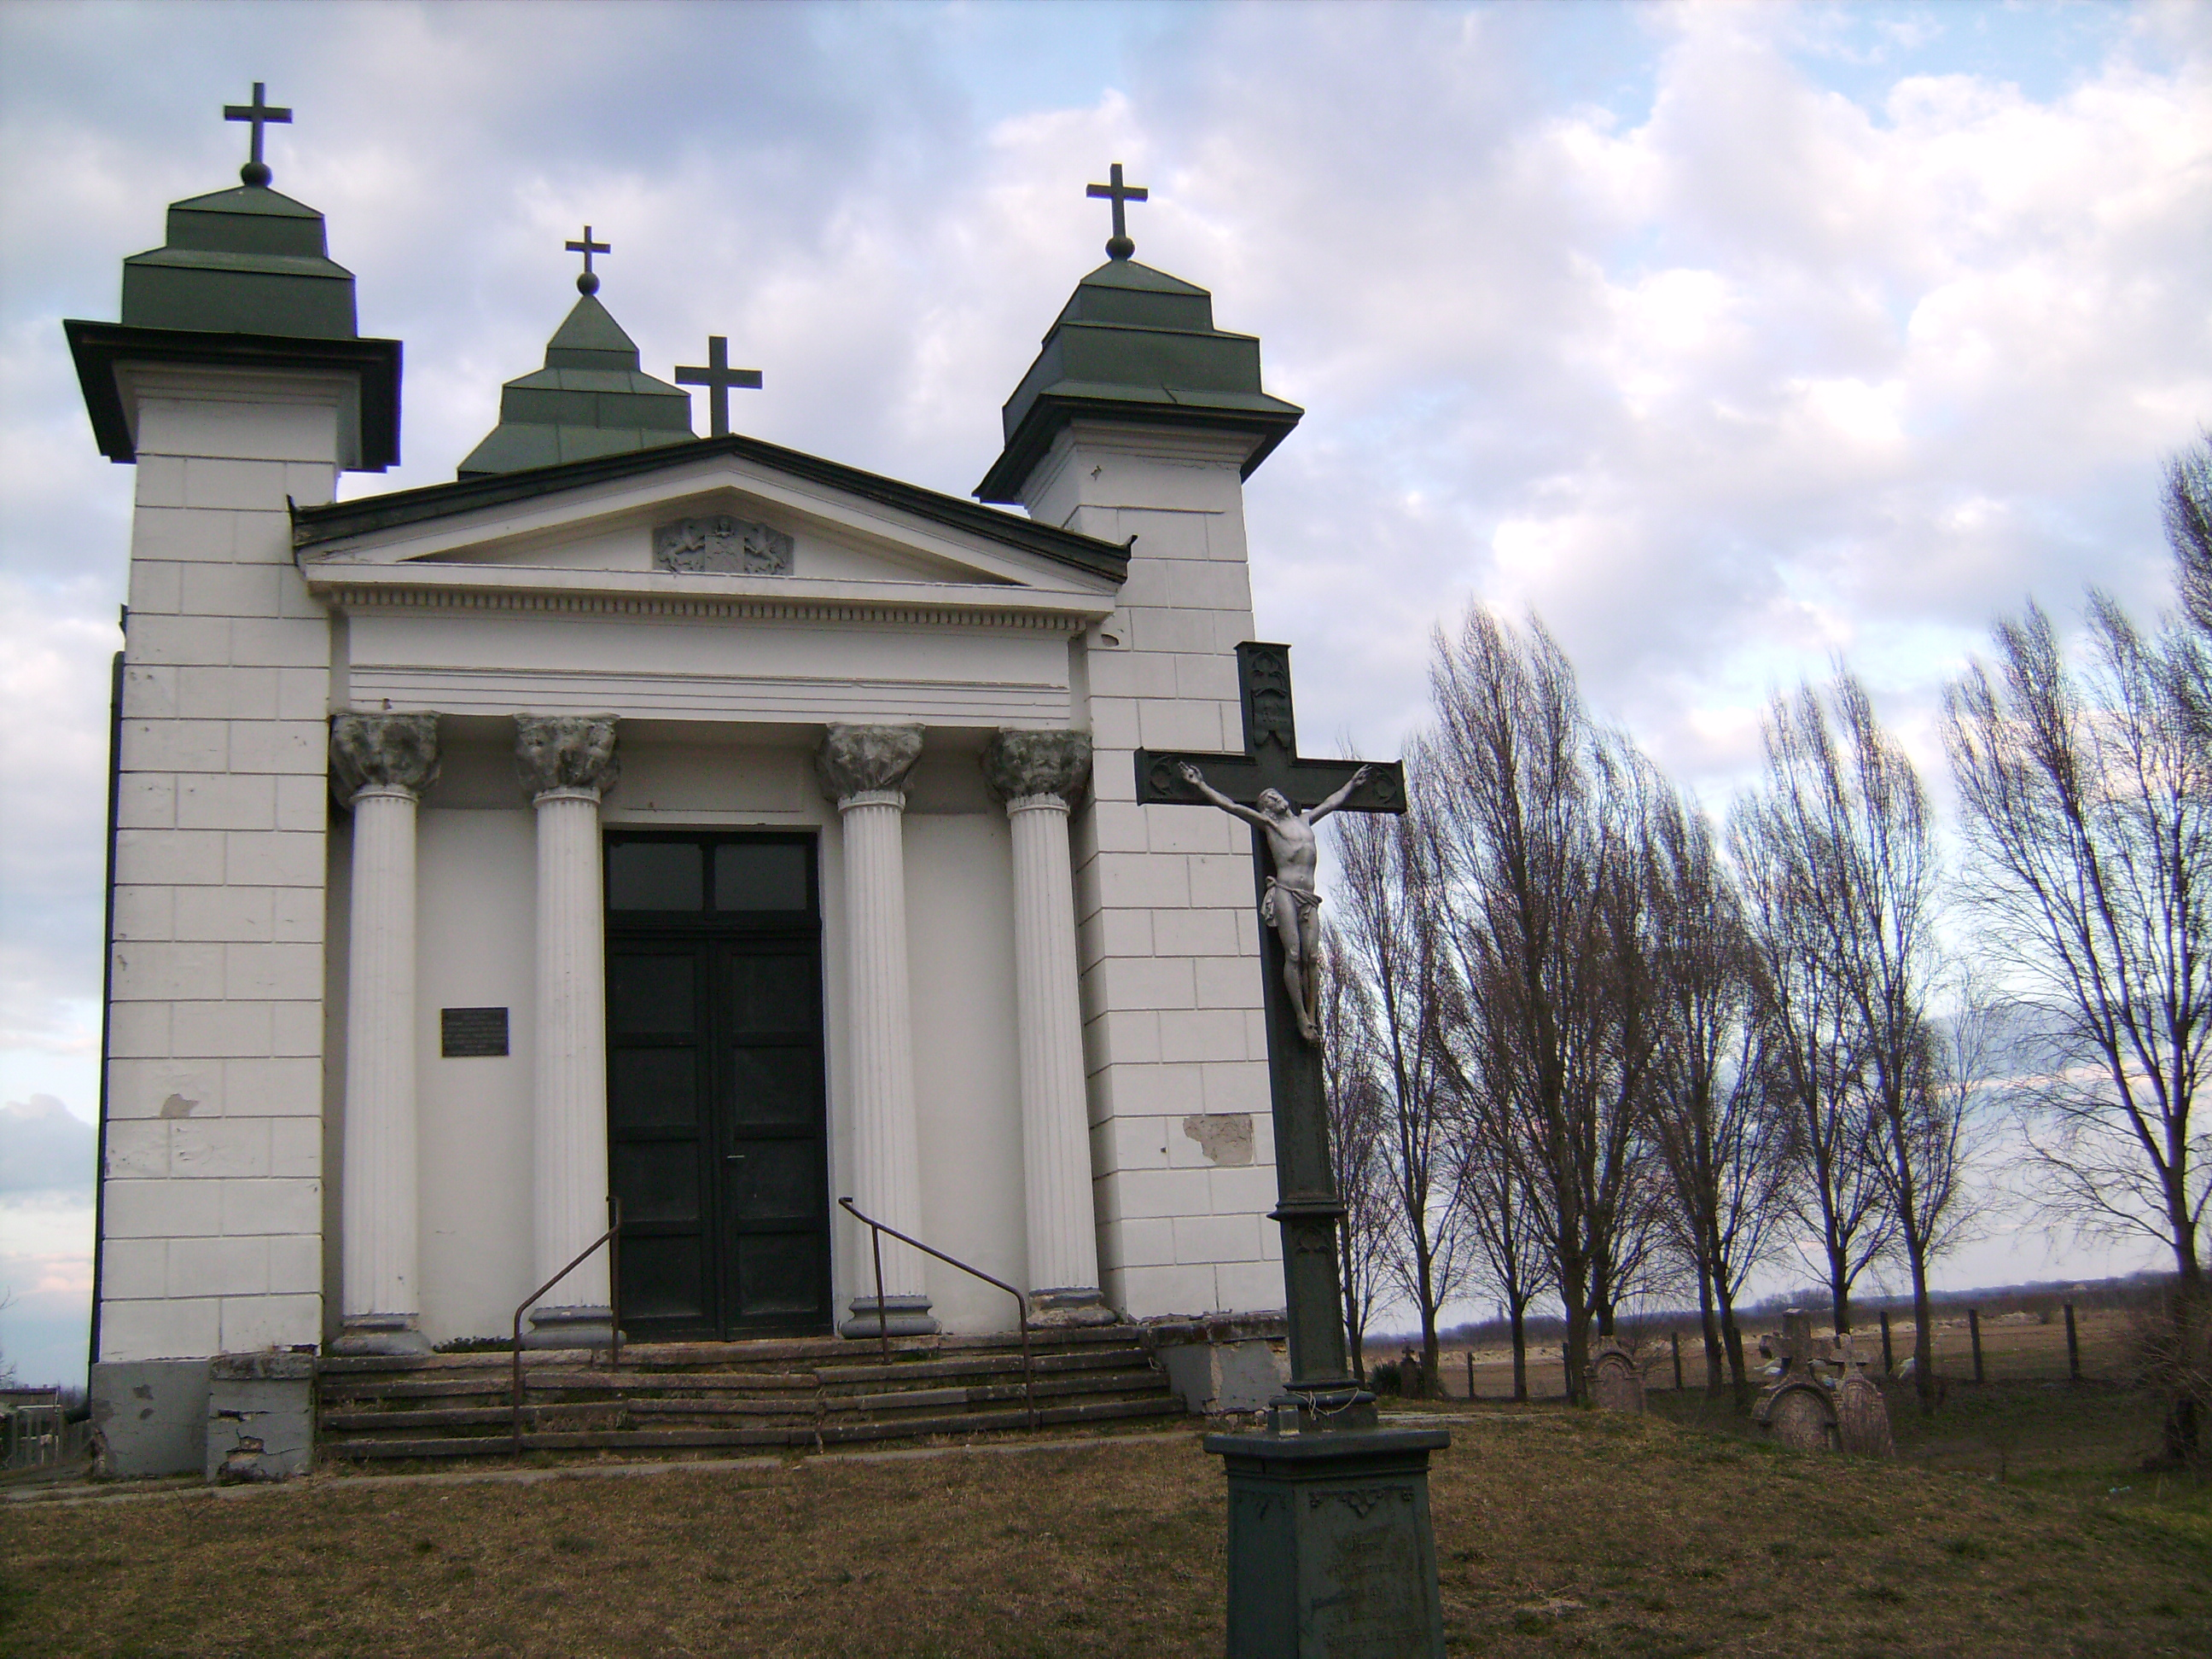 Meglepő módon az evangélikus temetőtől nem messze - a katolikus temető a város ellentétes oldalán van - áll a Szent Kereszt kápolna.